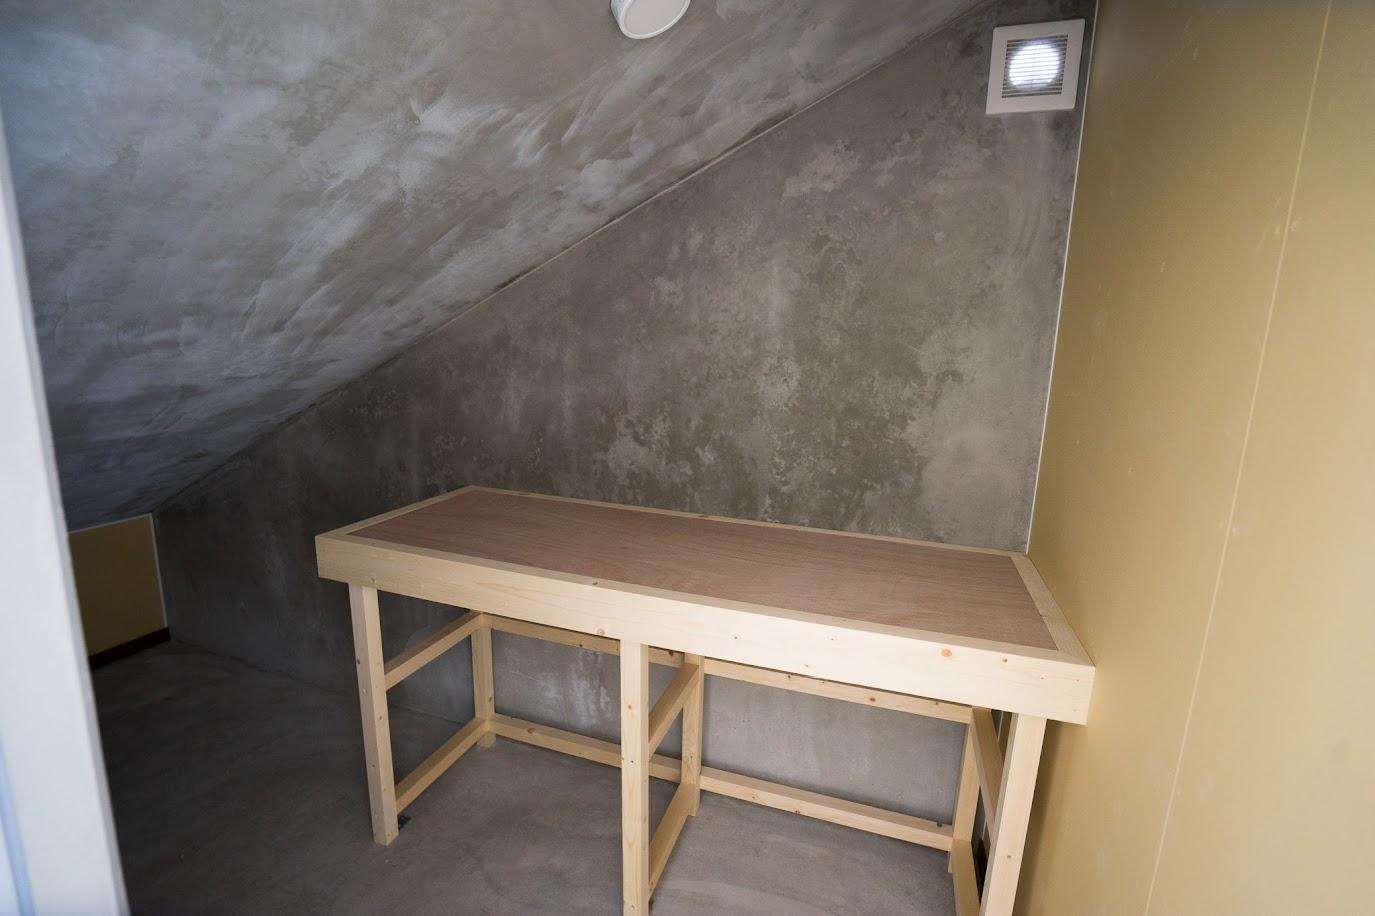 3LDK・納戸(1階廊下部分)・6号